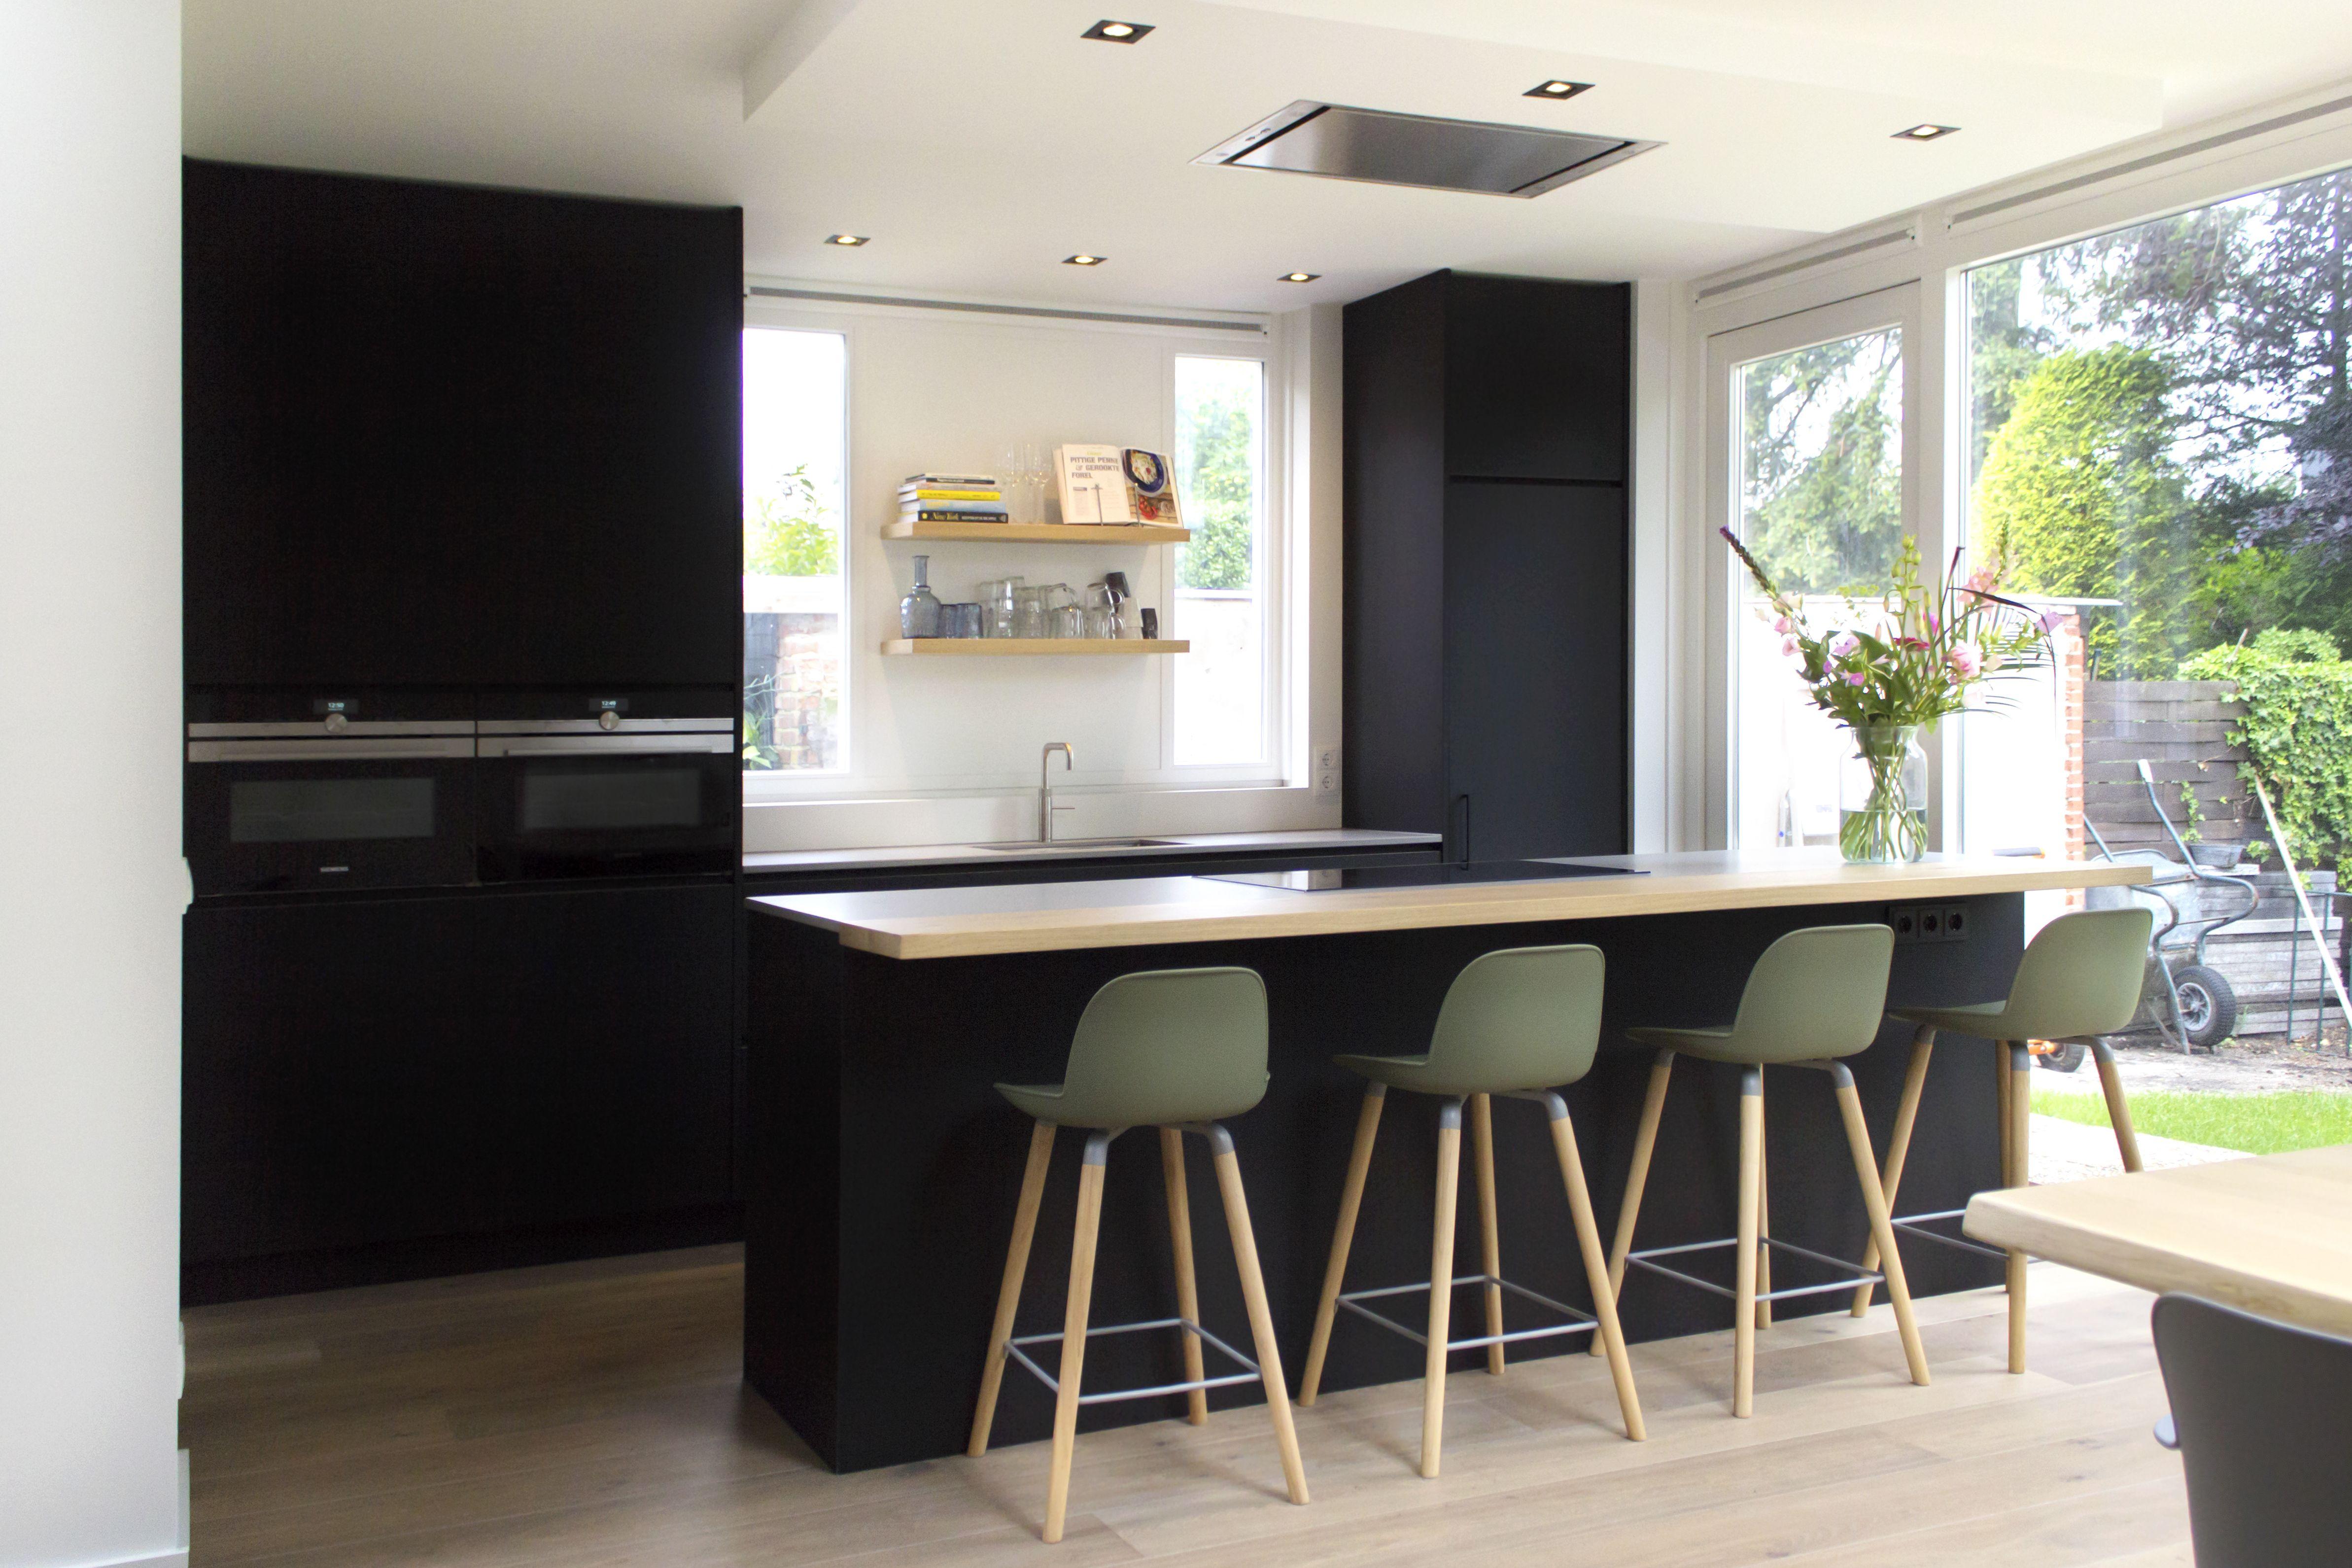 Moderne Zwarte Keuken : Moderne mat zwarte keuken met houten elementen robert tediek